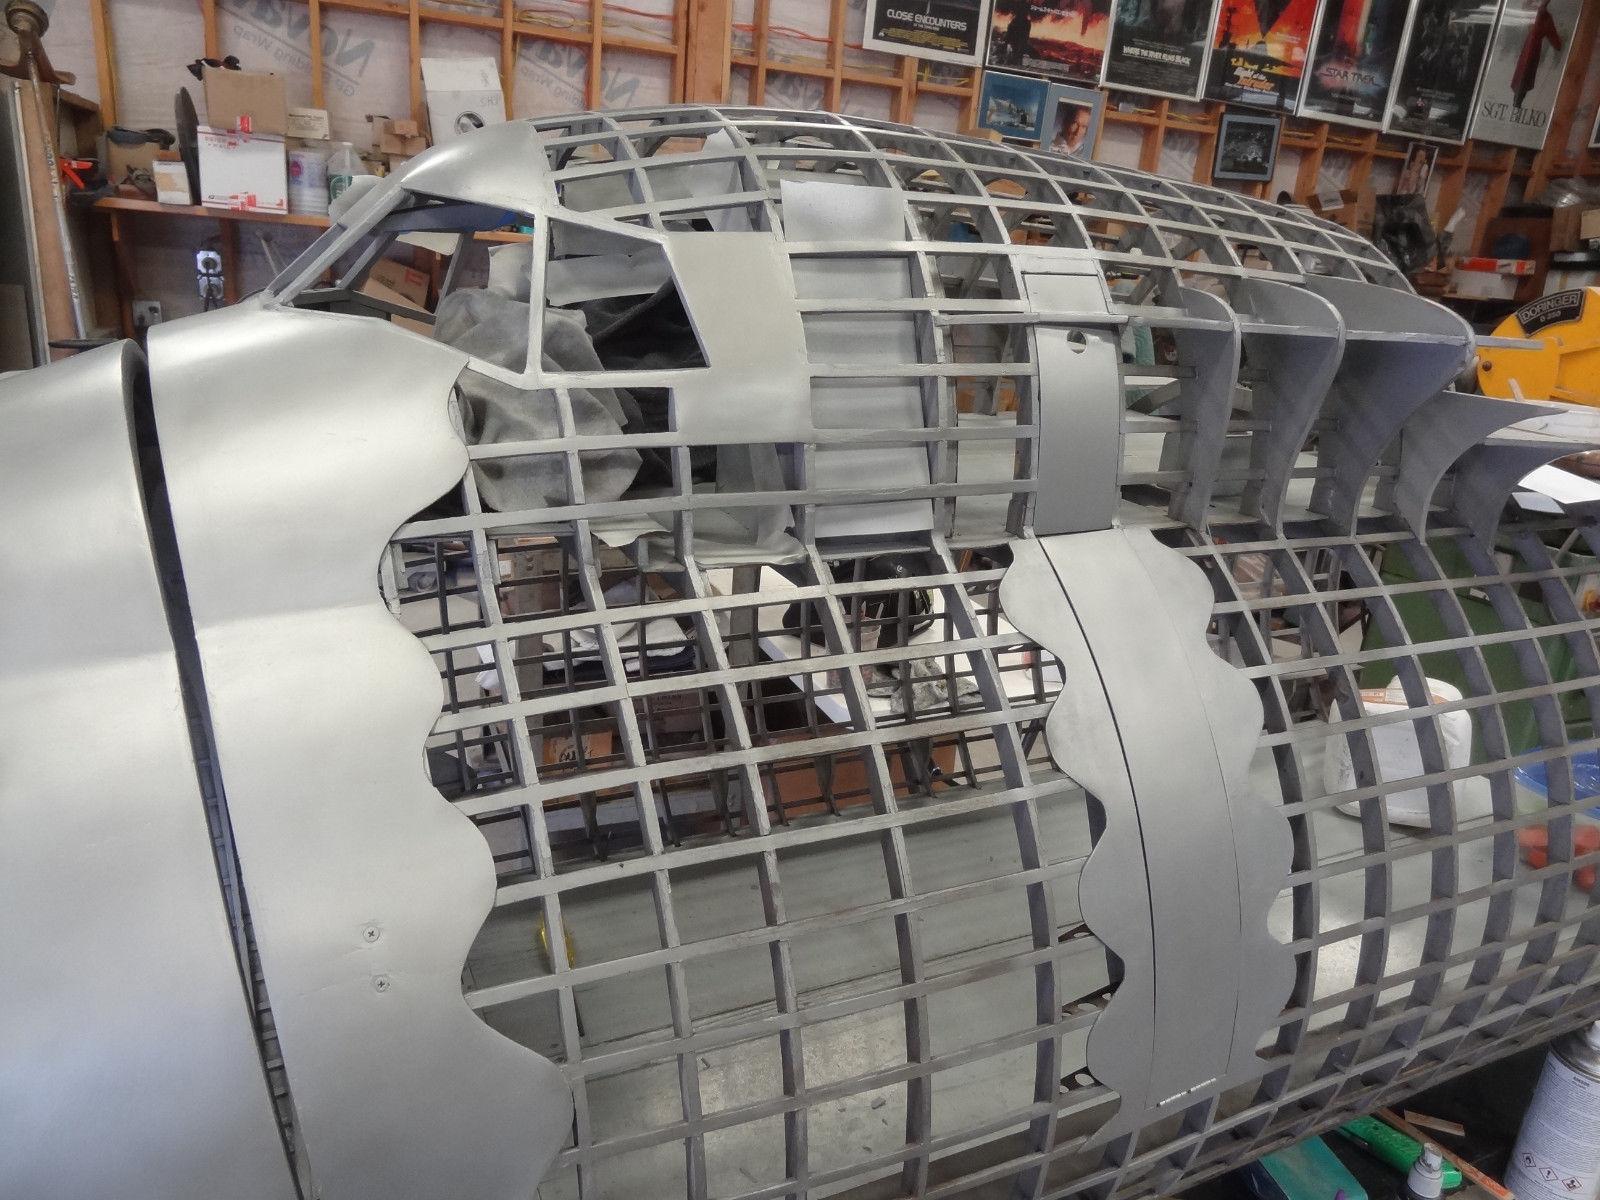 Impressive Douglas Aircraft CX-HLS (C-5) Display Model – The